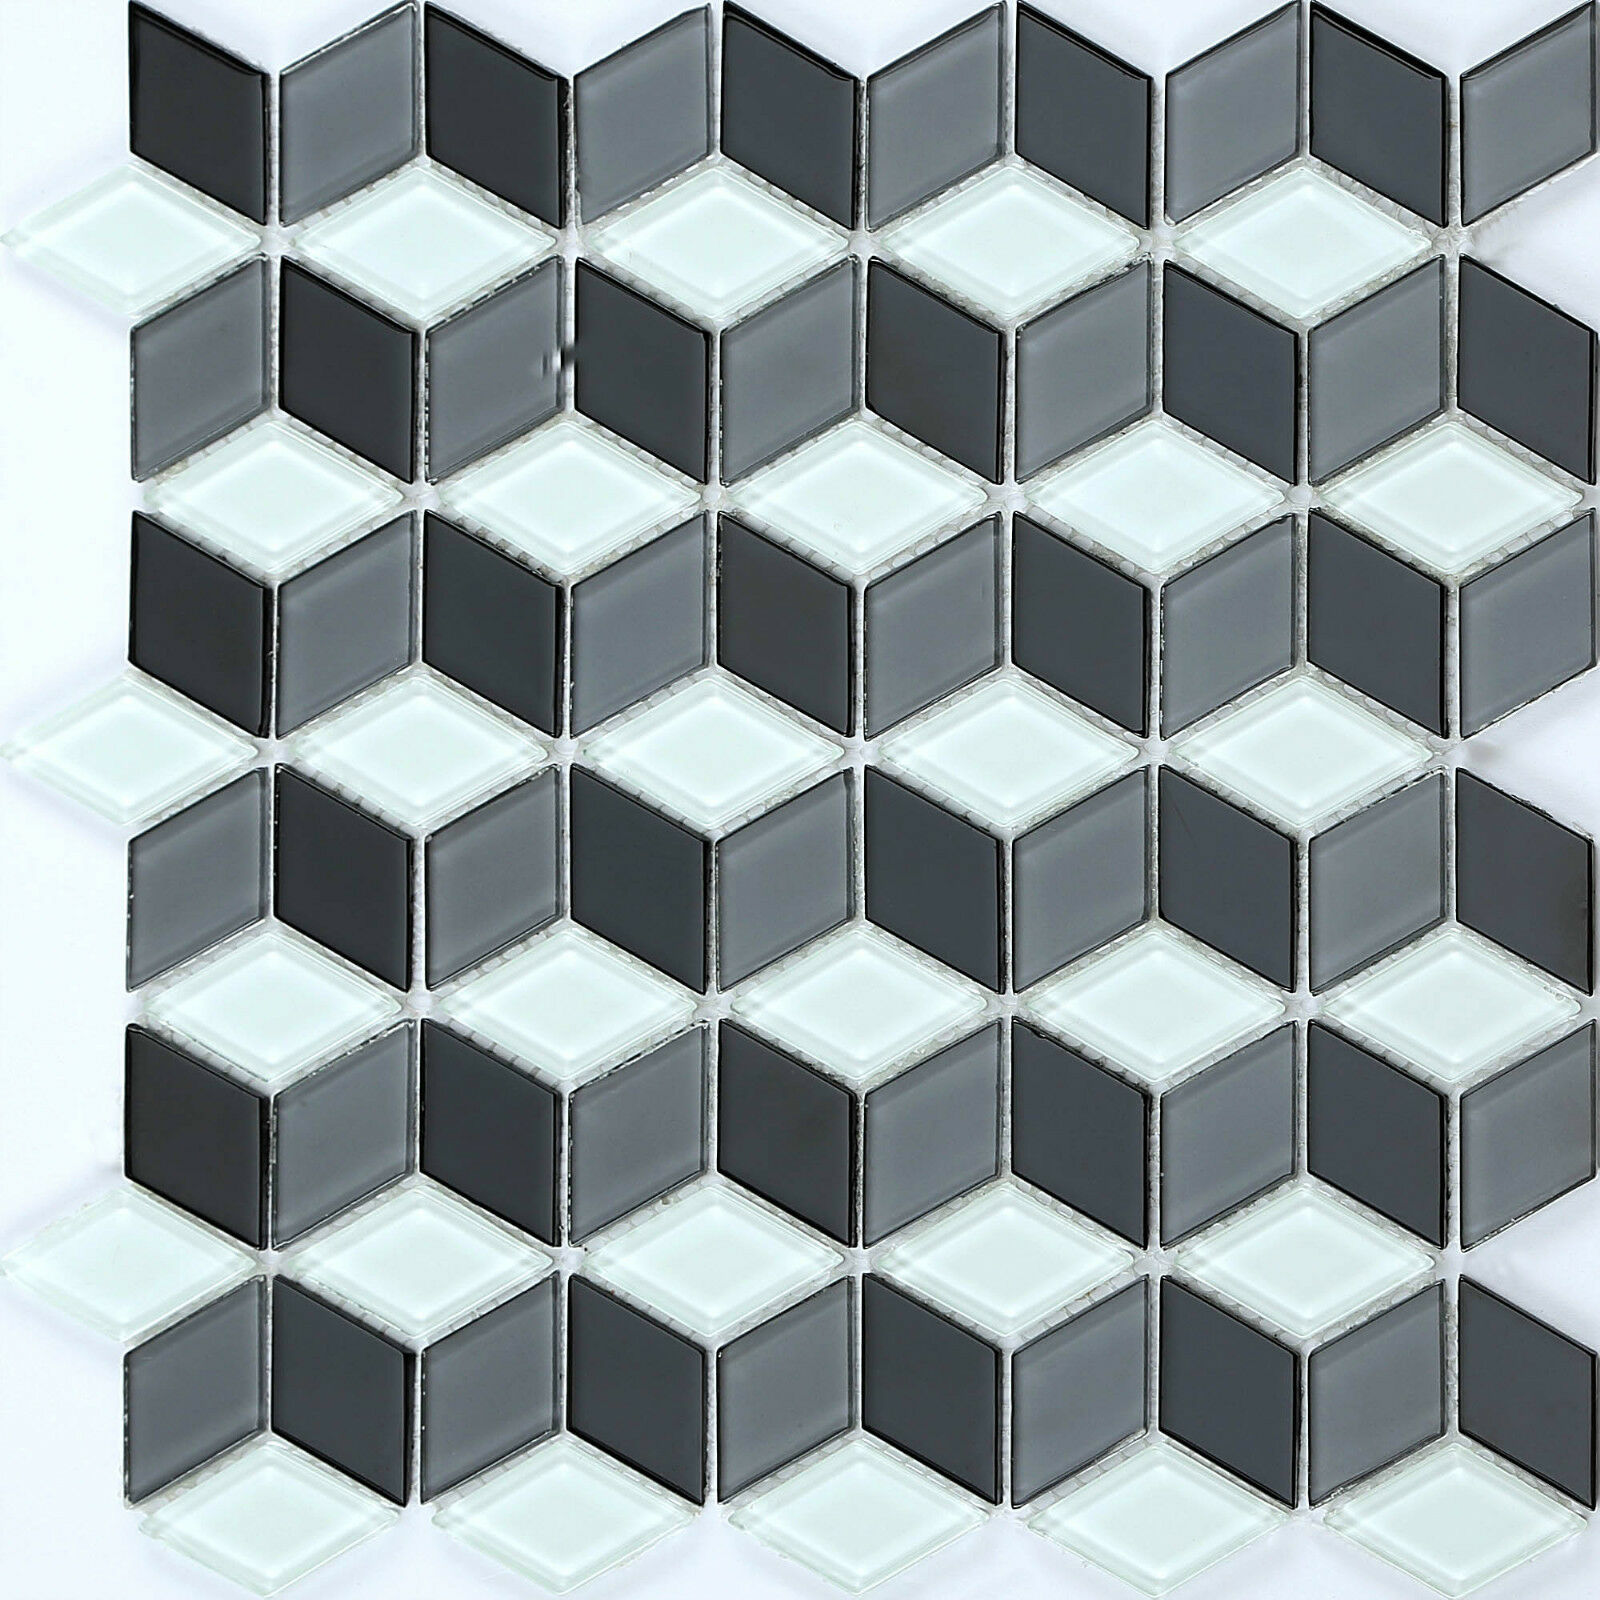 1qm Glas Mosaik Fliesen Matte in Schwarz und Weiß 3D Optik. MT0083 x 11 Matten